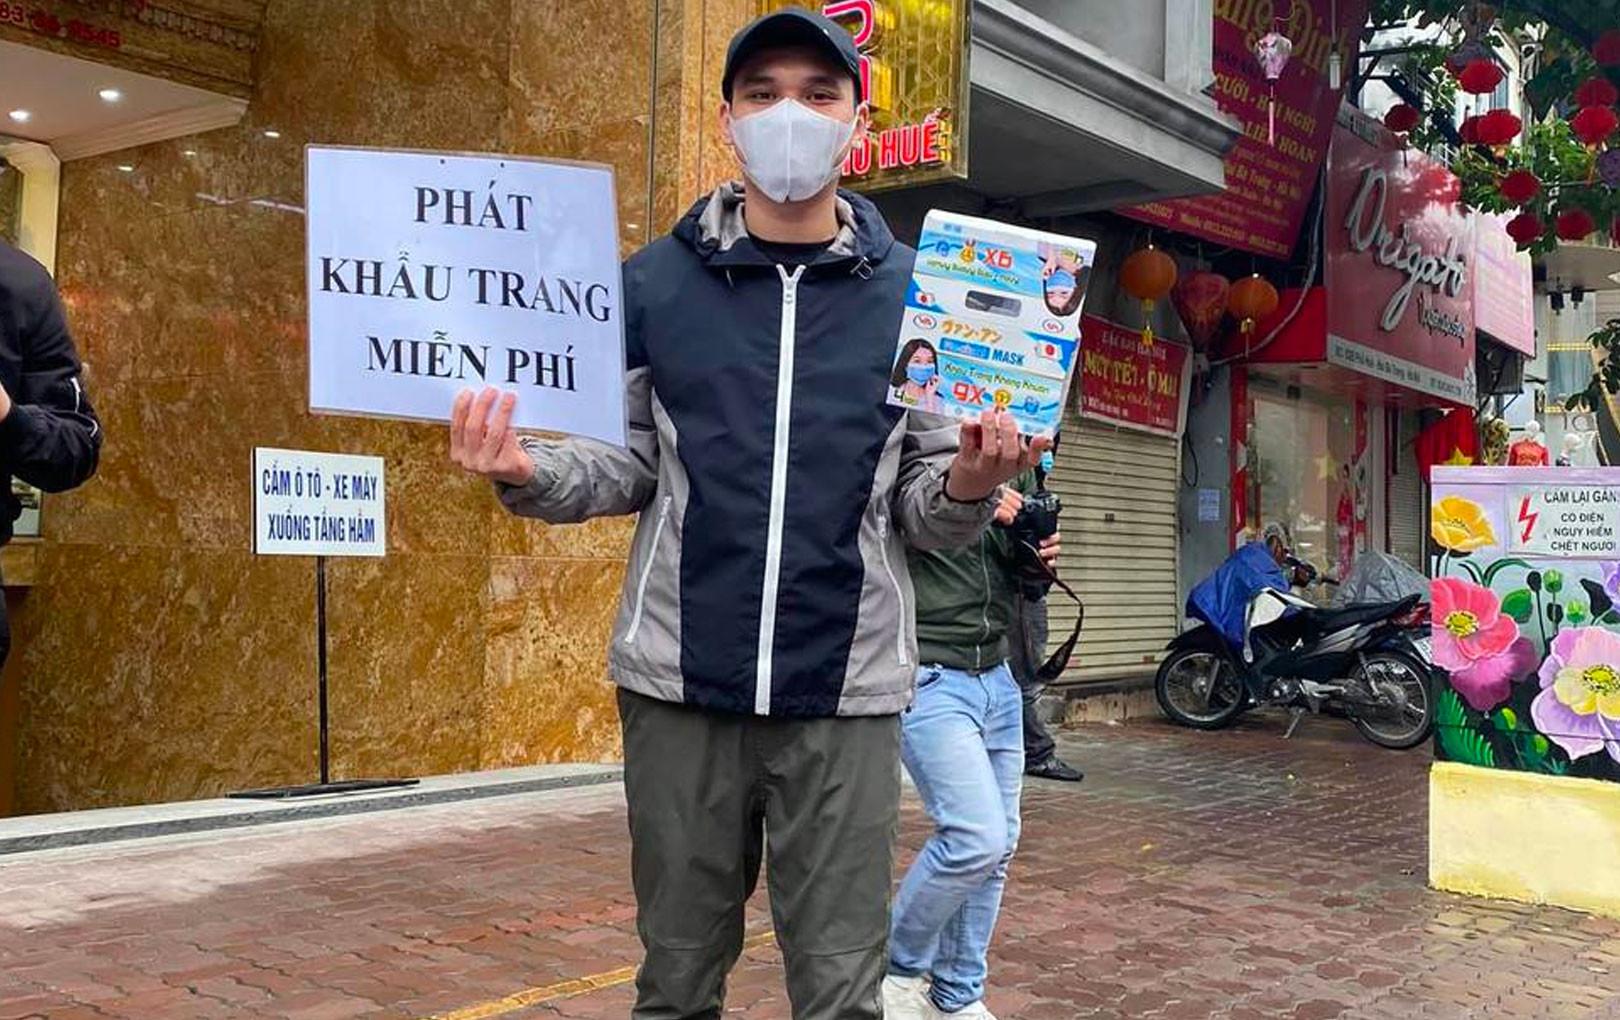 Khắc Việt chịu rét, đội mưa phát 20000 khẩu trang miễn phí ở Hà Nội